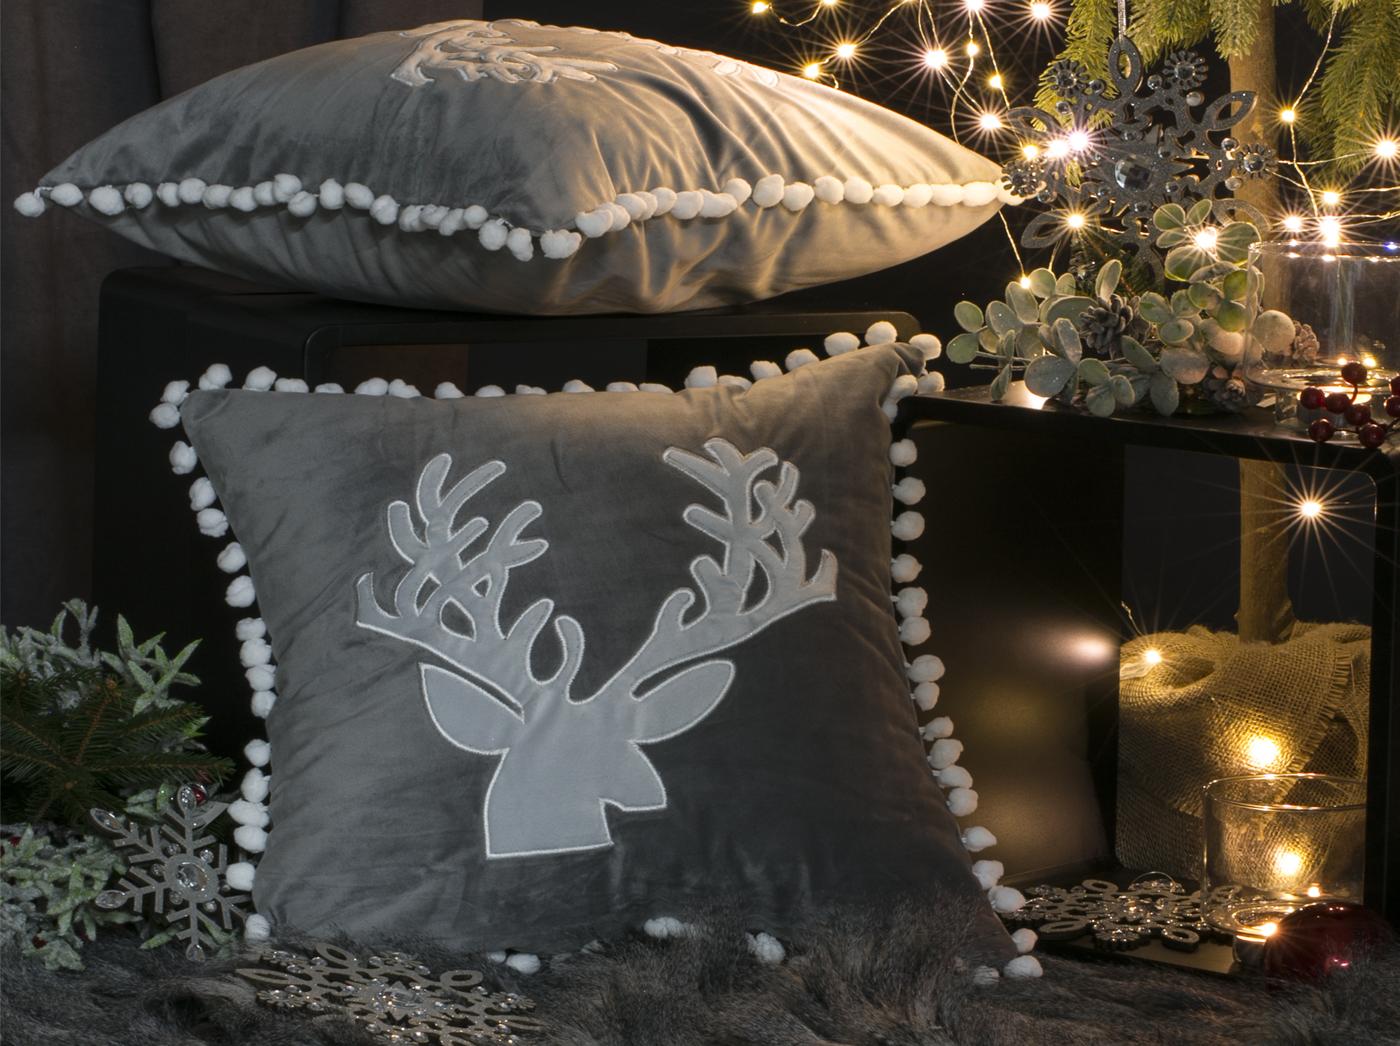 Święta Bożego Narodzenia w Twoim domu eurofirany